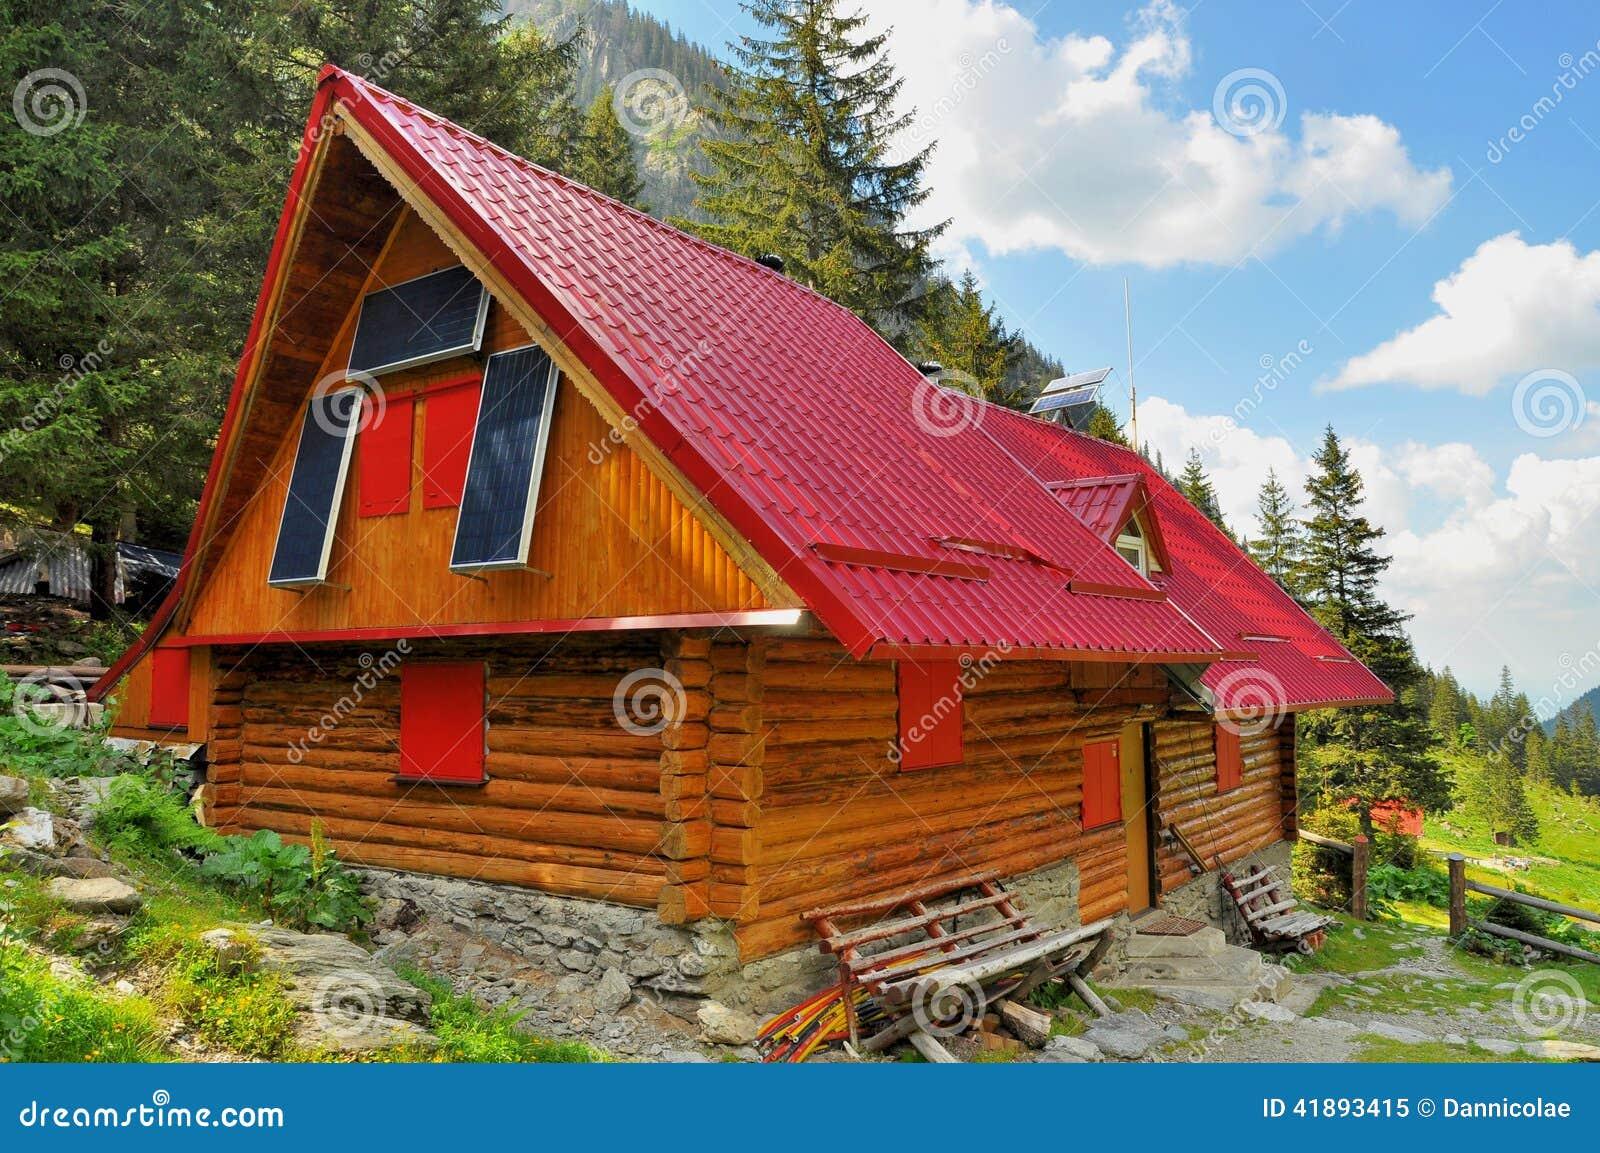 Chalet de madera de la monta a con los paneles solares - Chalet de madera ...